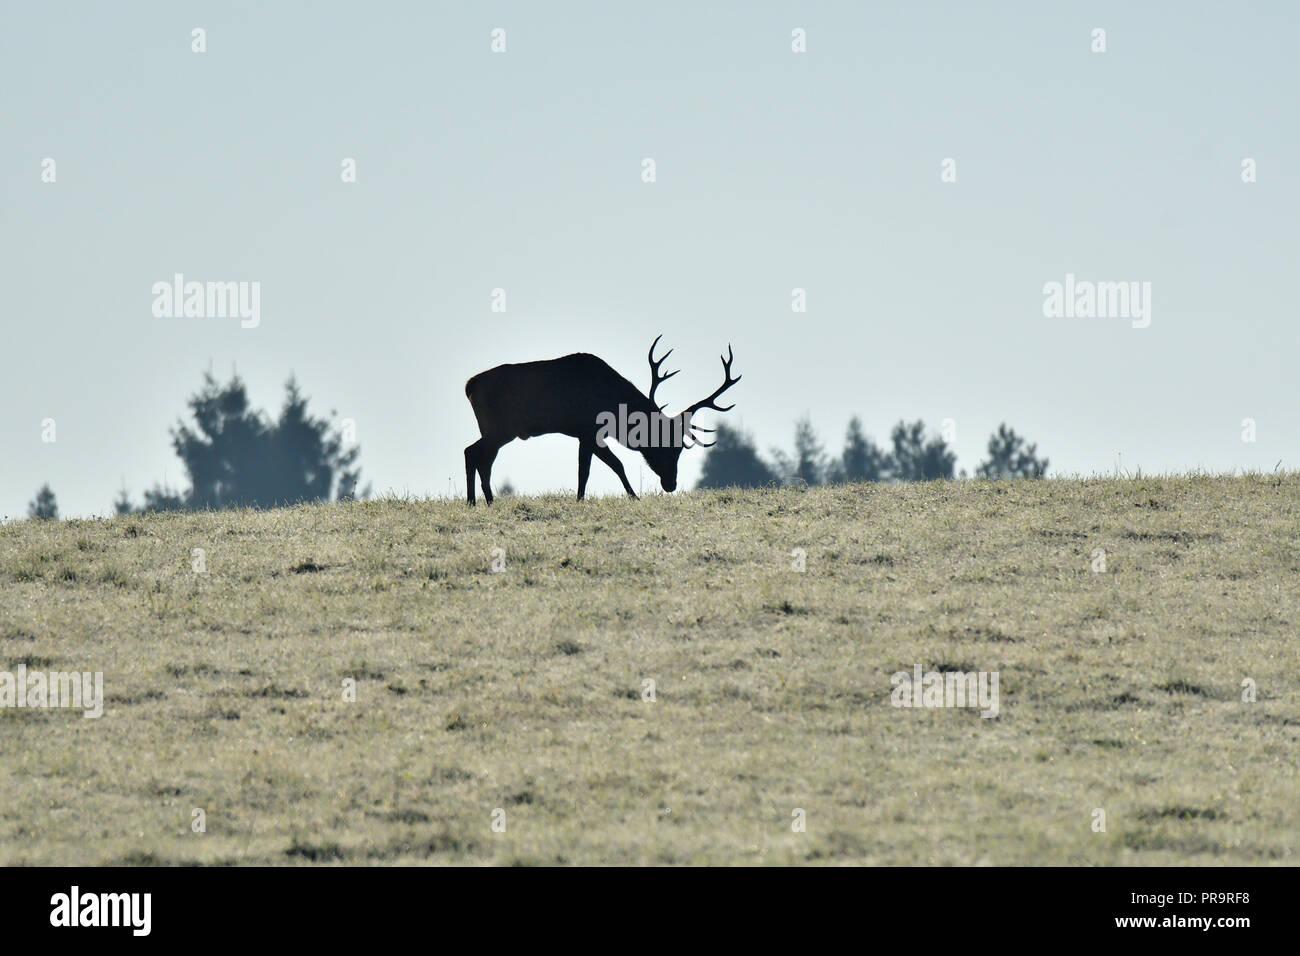 Kontur der Silhouette einer Hirsche mit Geweihen, die auf den Horizont Stockbild